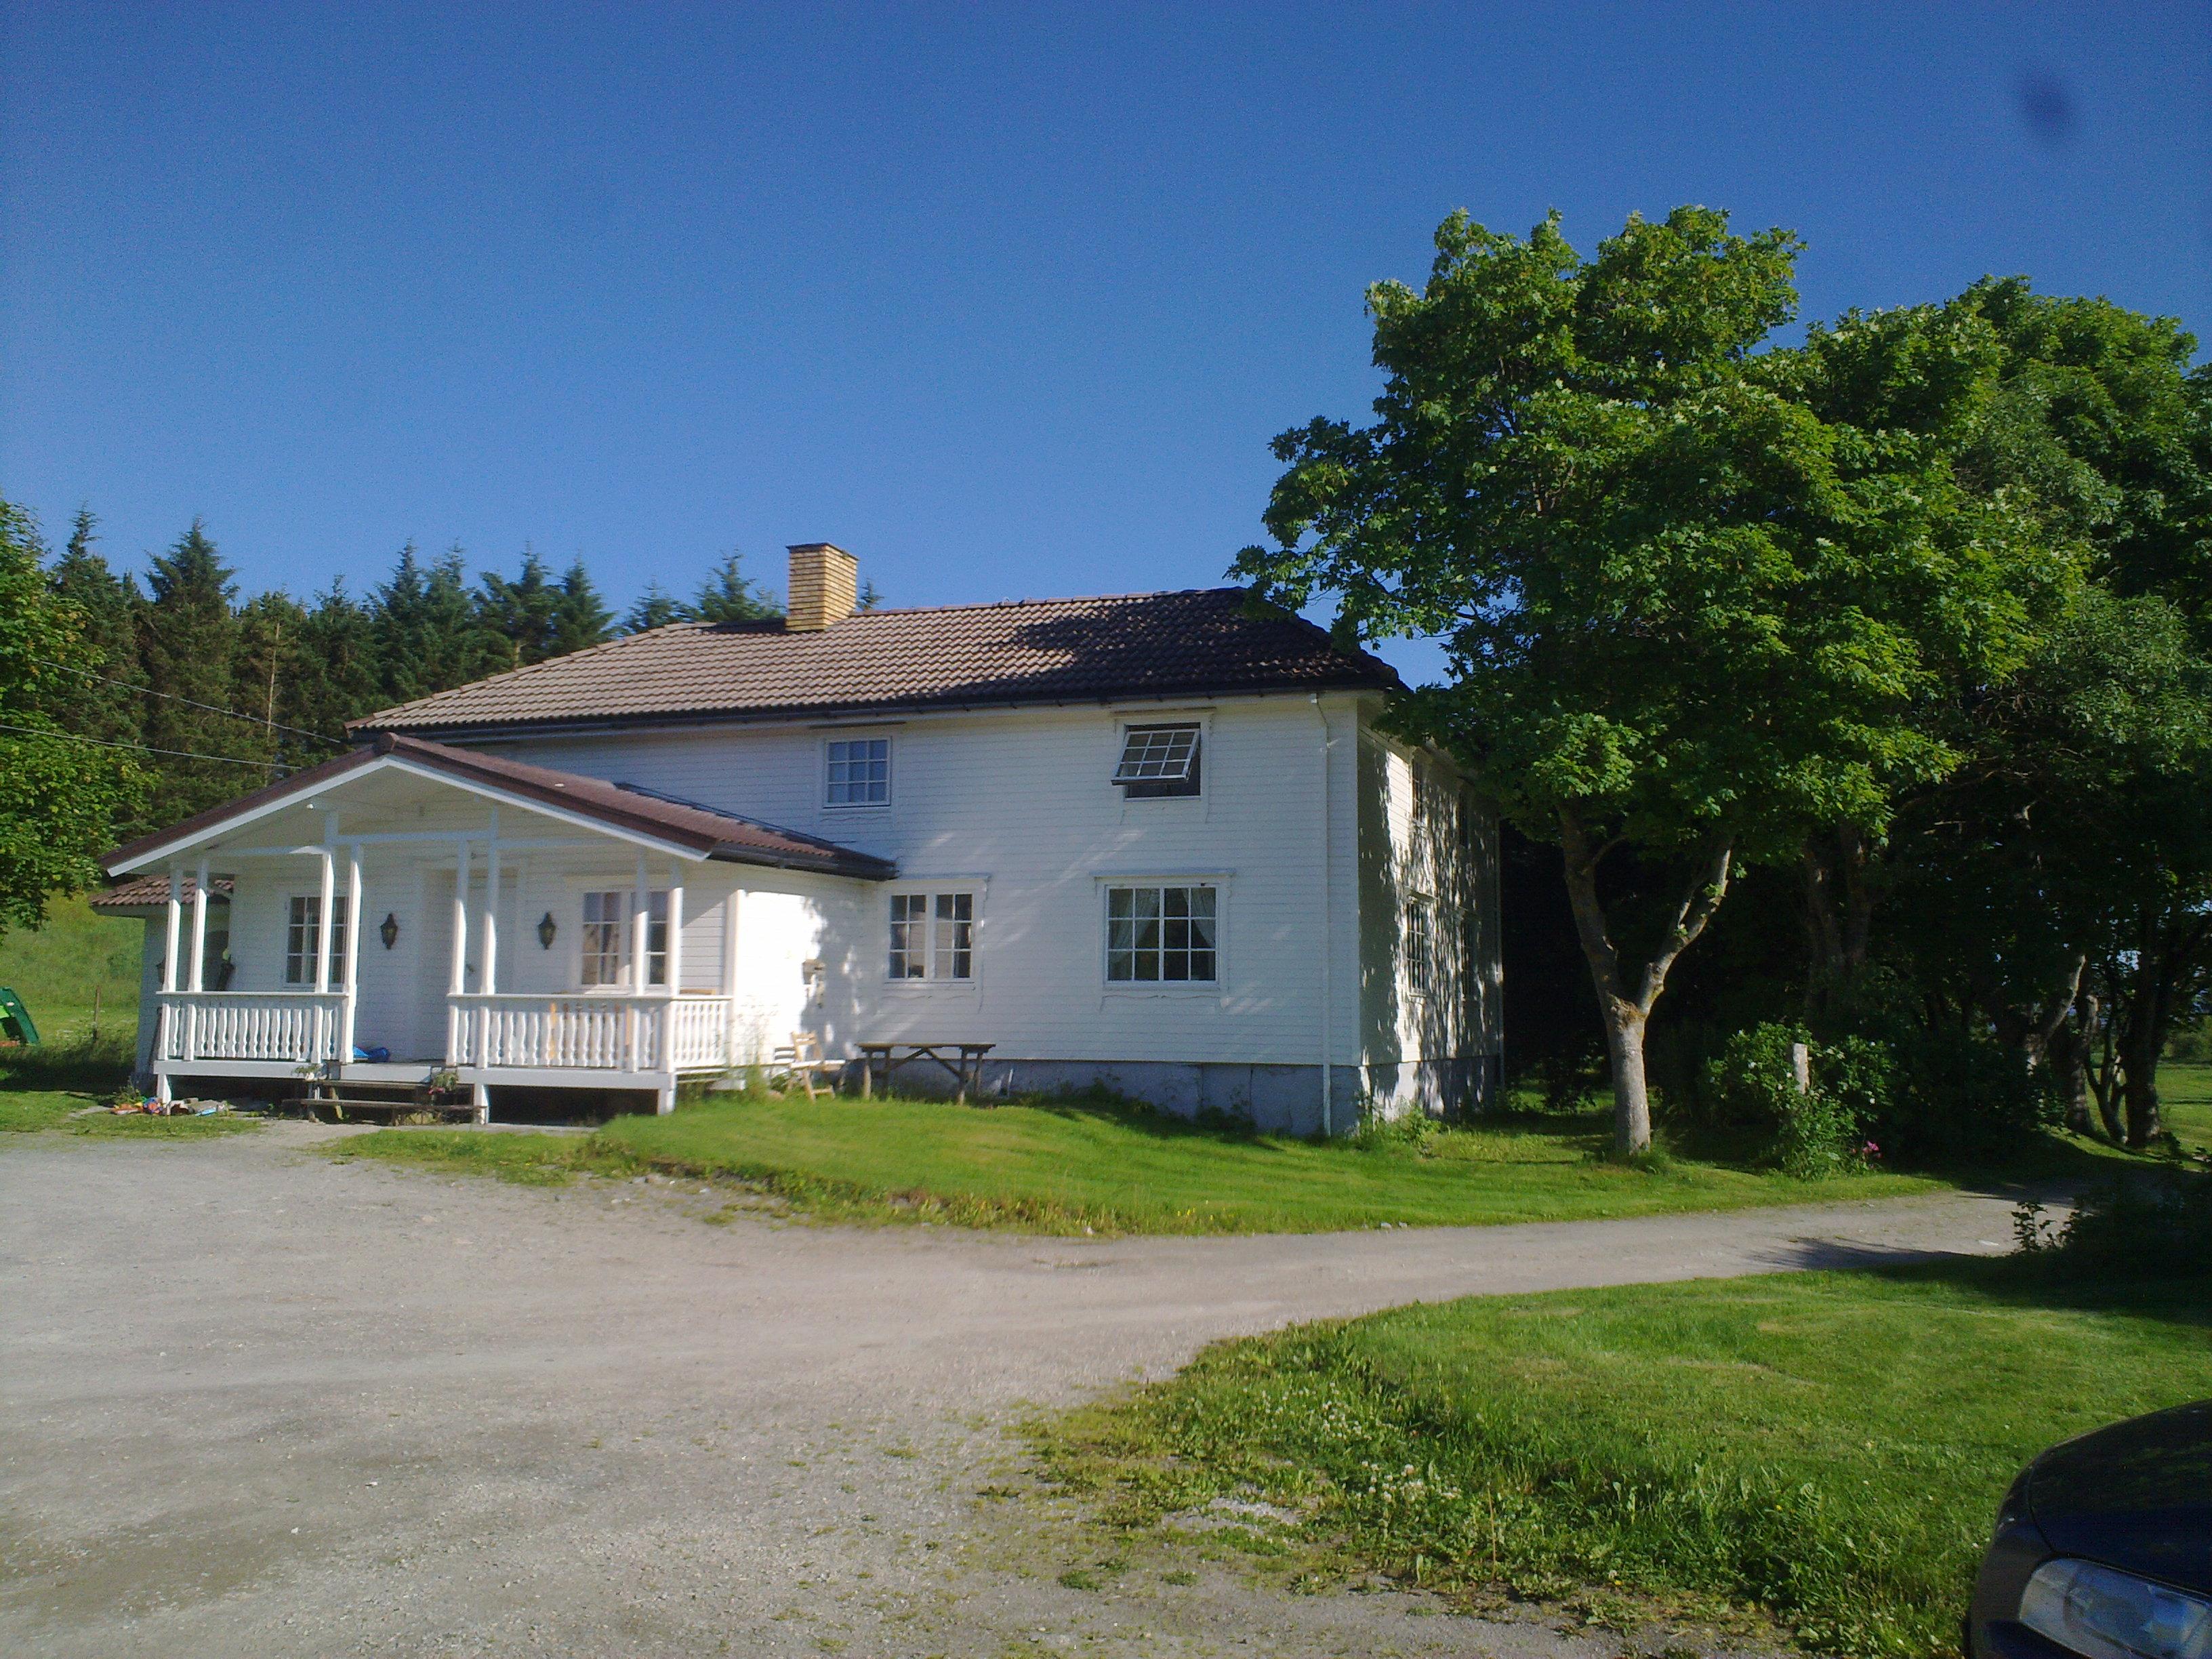 Main guesthouse . Copyright: Fjellvær Gjestegård